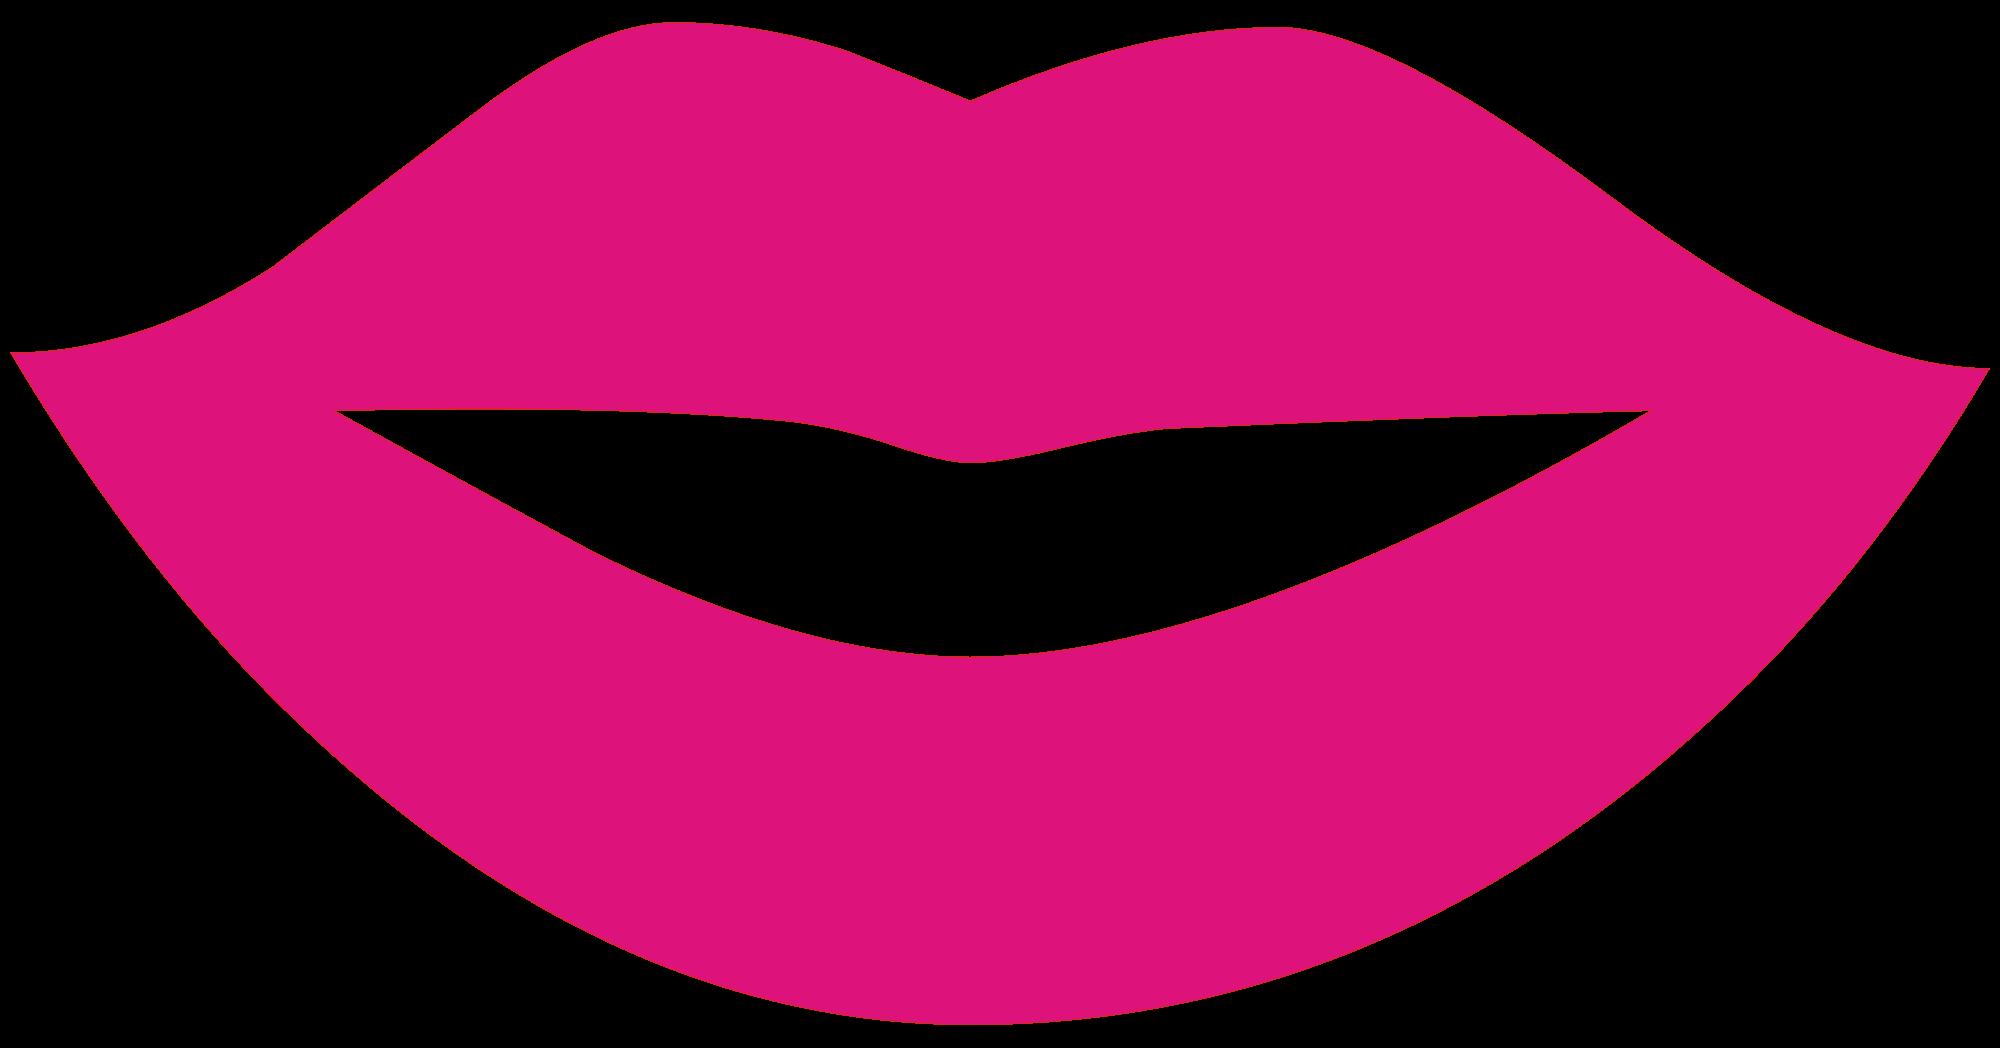 2000x1048 Czeshop Images Lips Outline Png